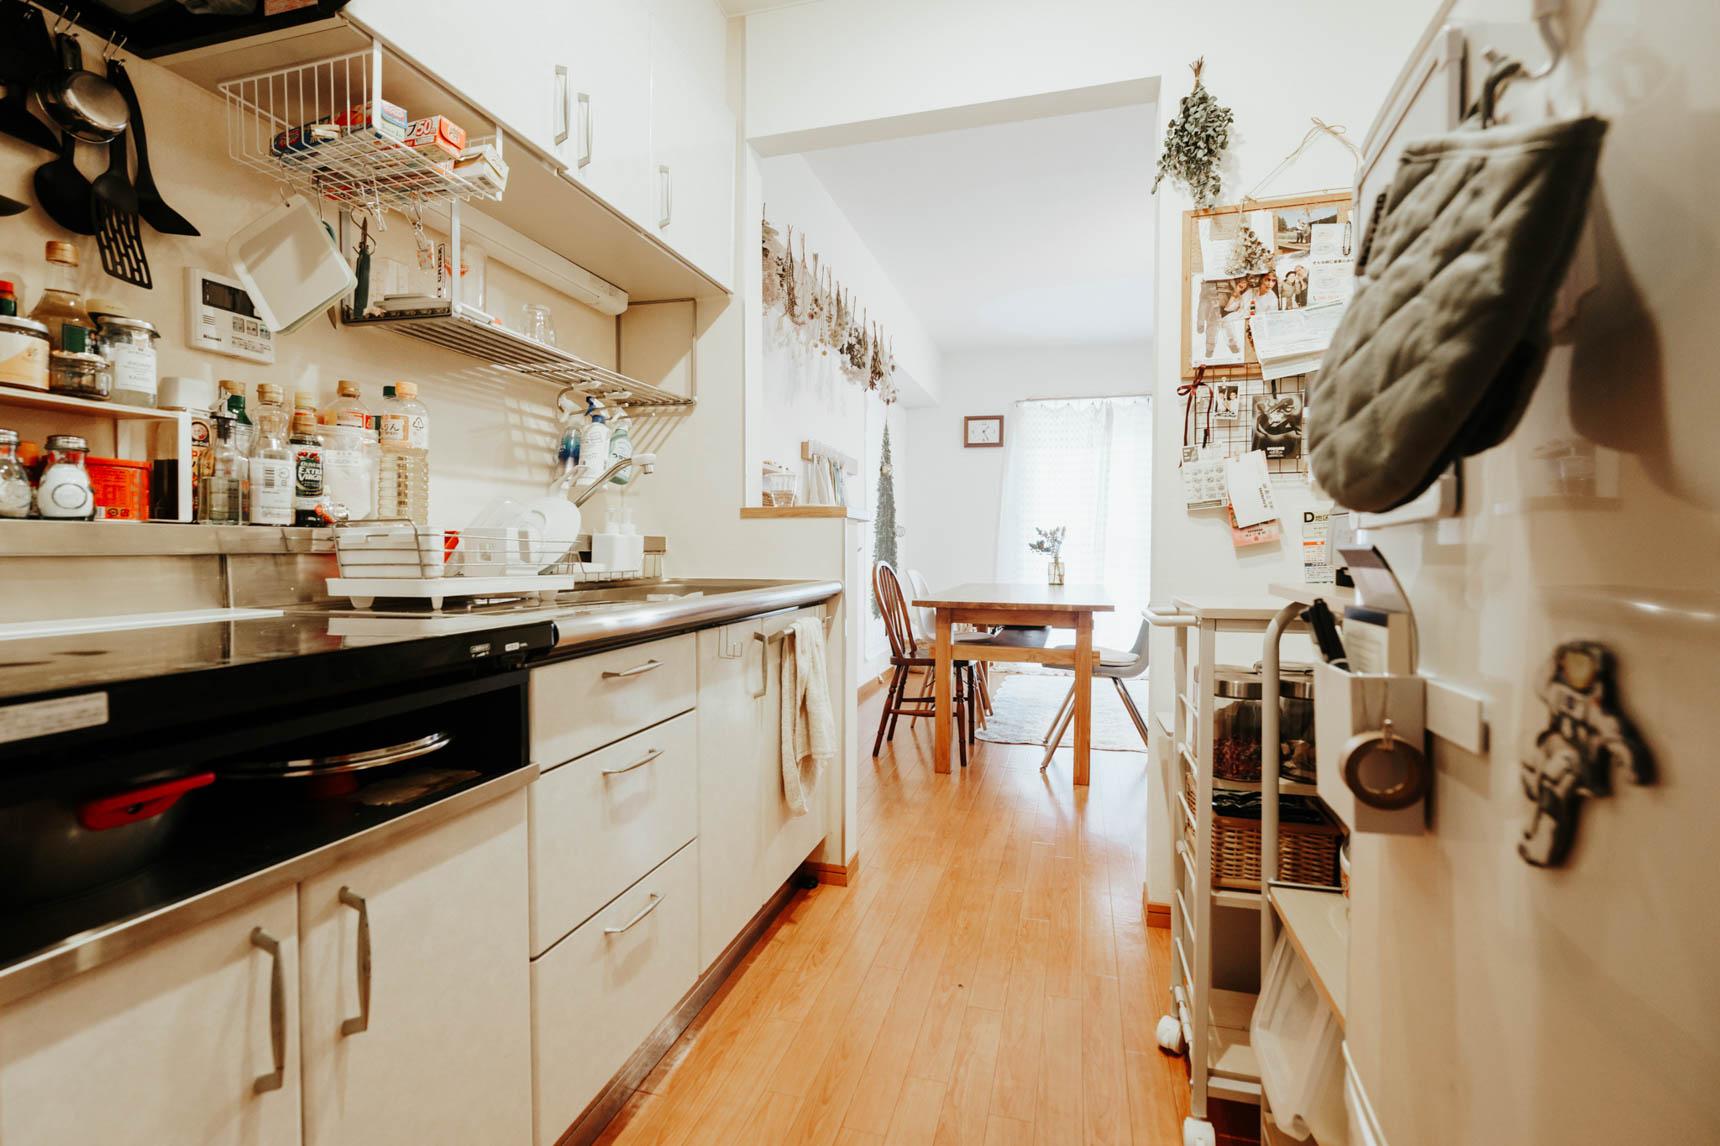 お料理上手のぽしさんご夫妻のキッチン。使いやすく整えられている中に気になるアイテムを発見。